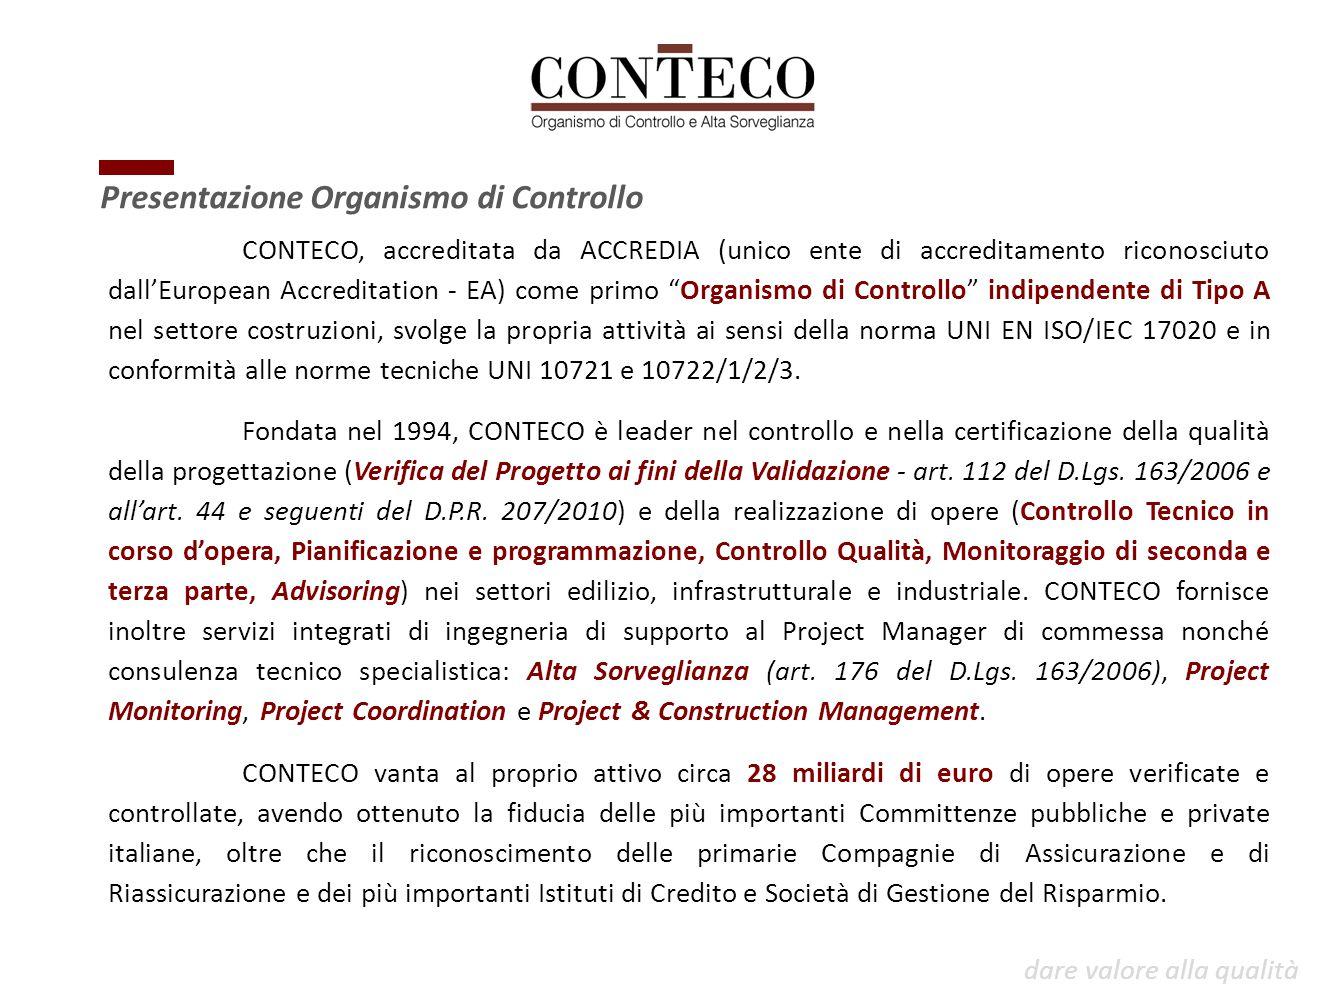 """CONTECO, accreditata da ACCREDIA (unico ente di accreditamento riconosciuto dall'European Accreditation - EA) come primo """"Organismo di Controllo"""" indi"""